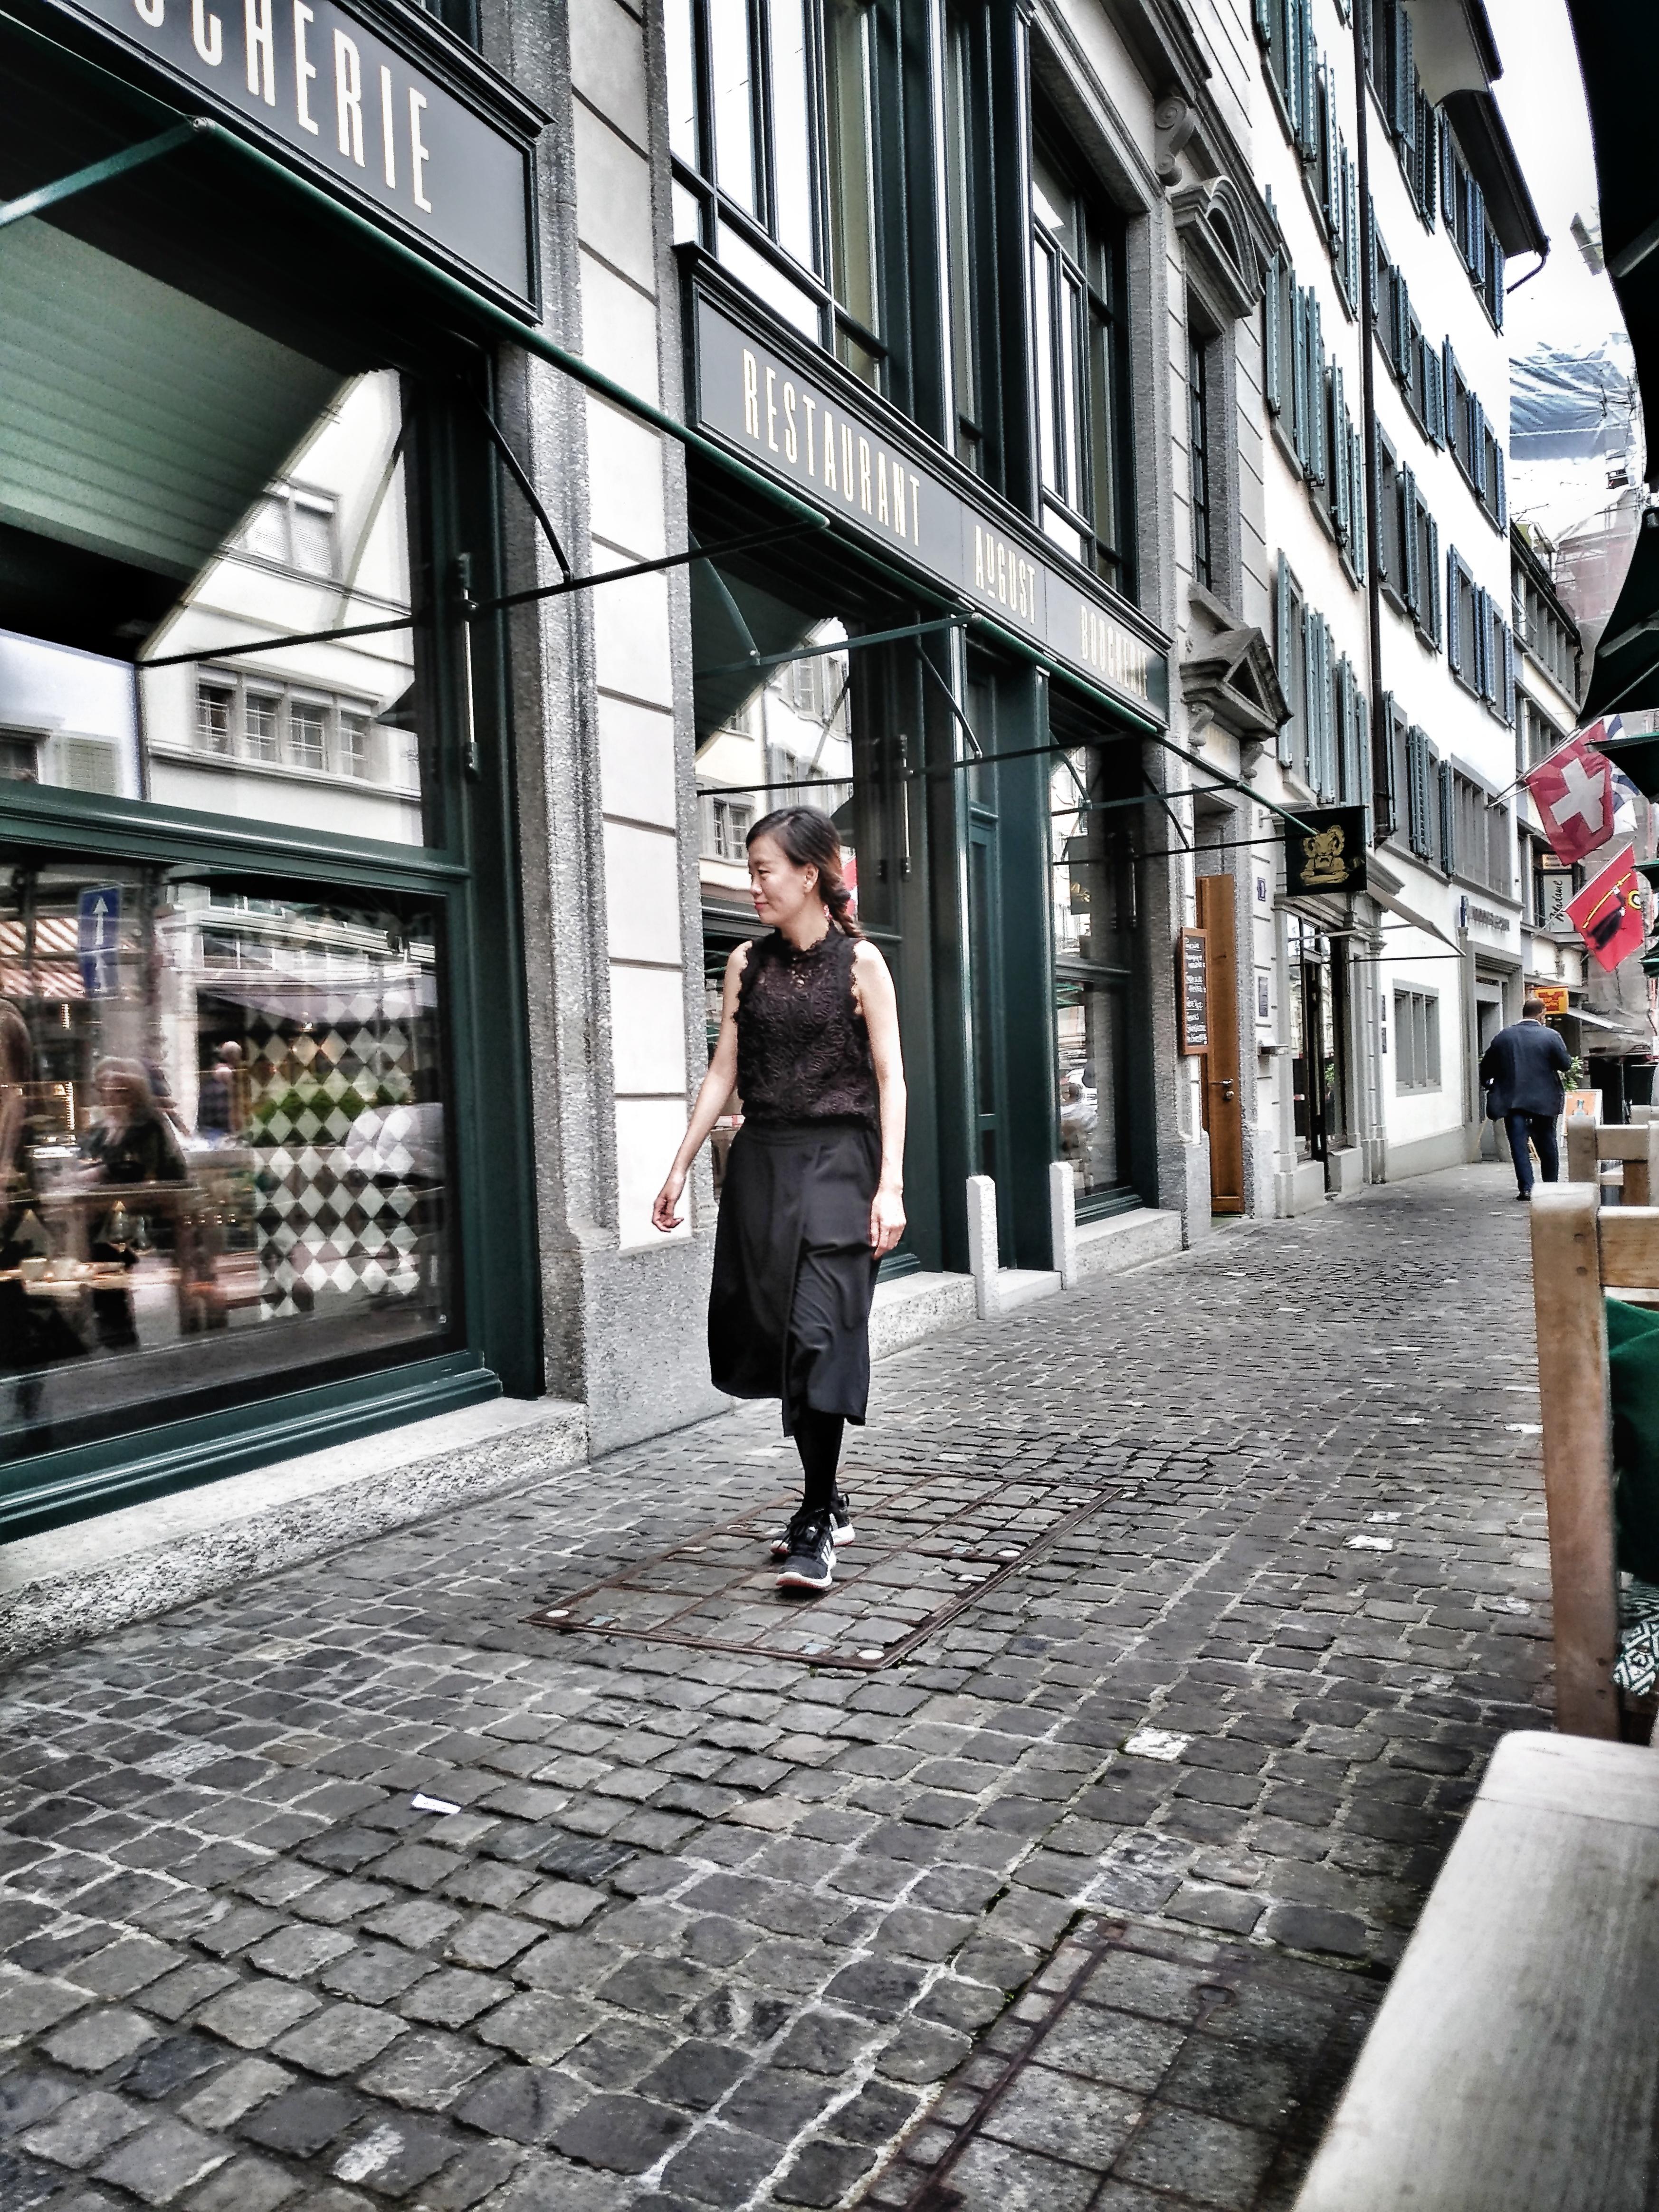 Walking in Zürich. title=Walking in Zürich.